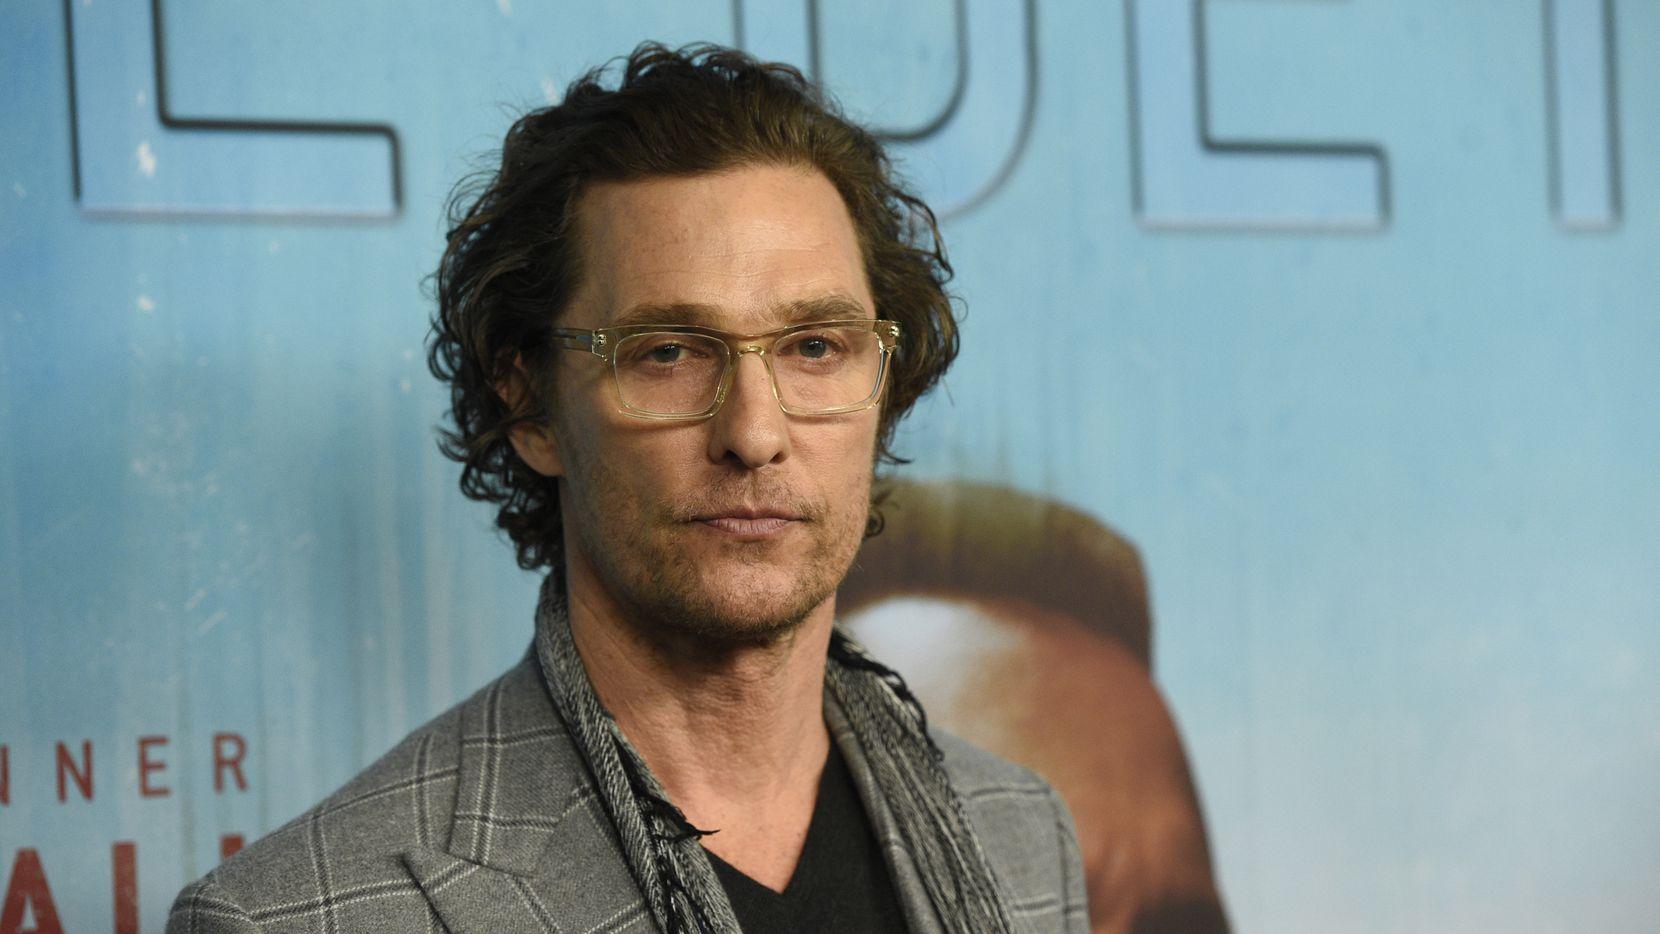 El actor y productor Matthew McConaughey.